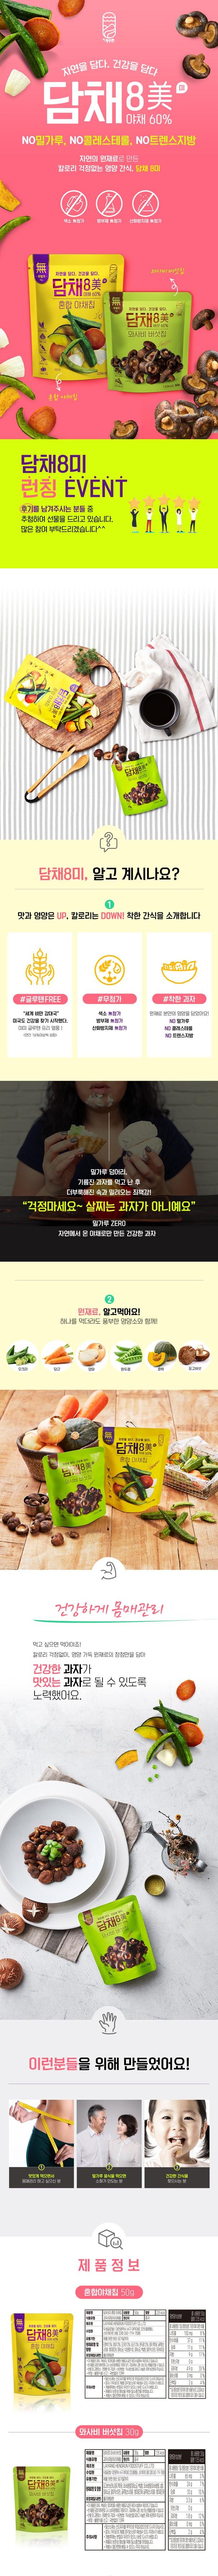 담채 8미 혼합 야채칩 체험단 모집 (12.28~01.06)